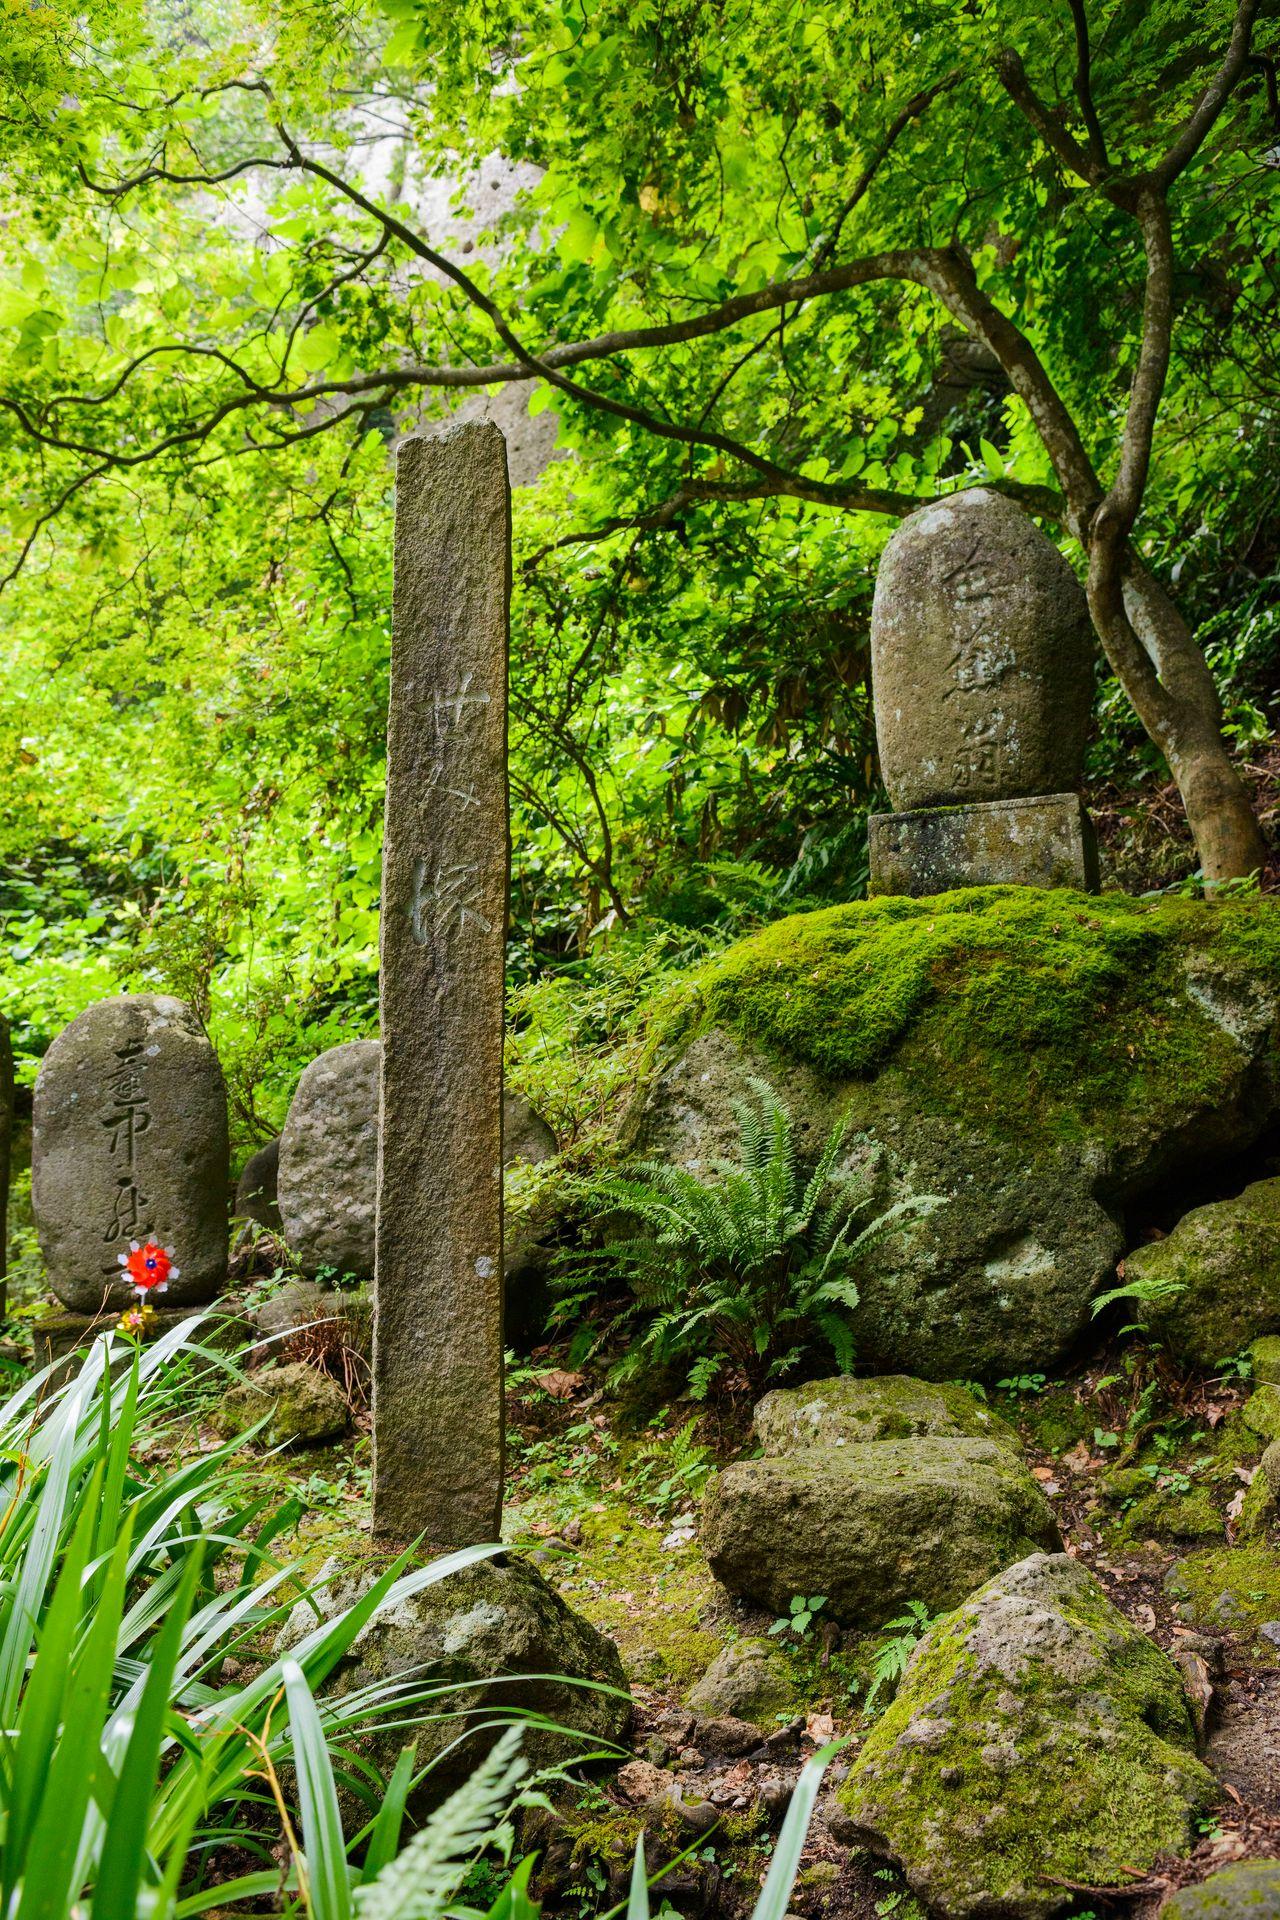 芭蕉の足跡が垣間見えるせみ塚 写真提供:山形県観光物産協会